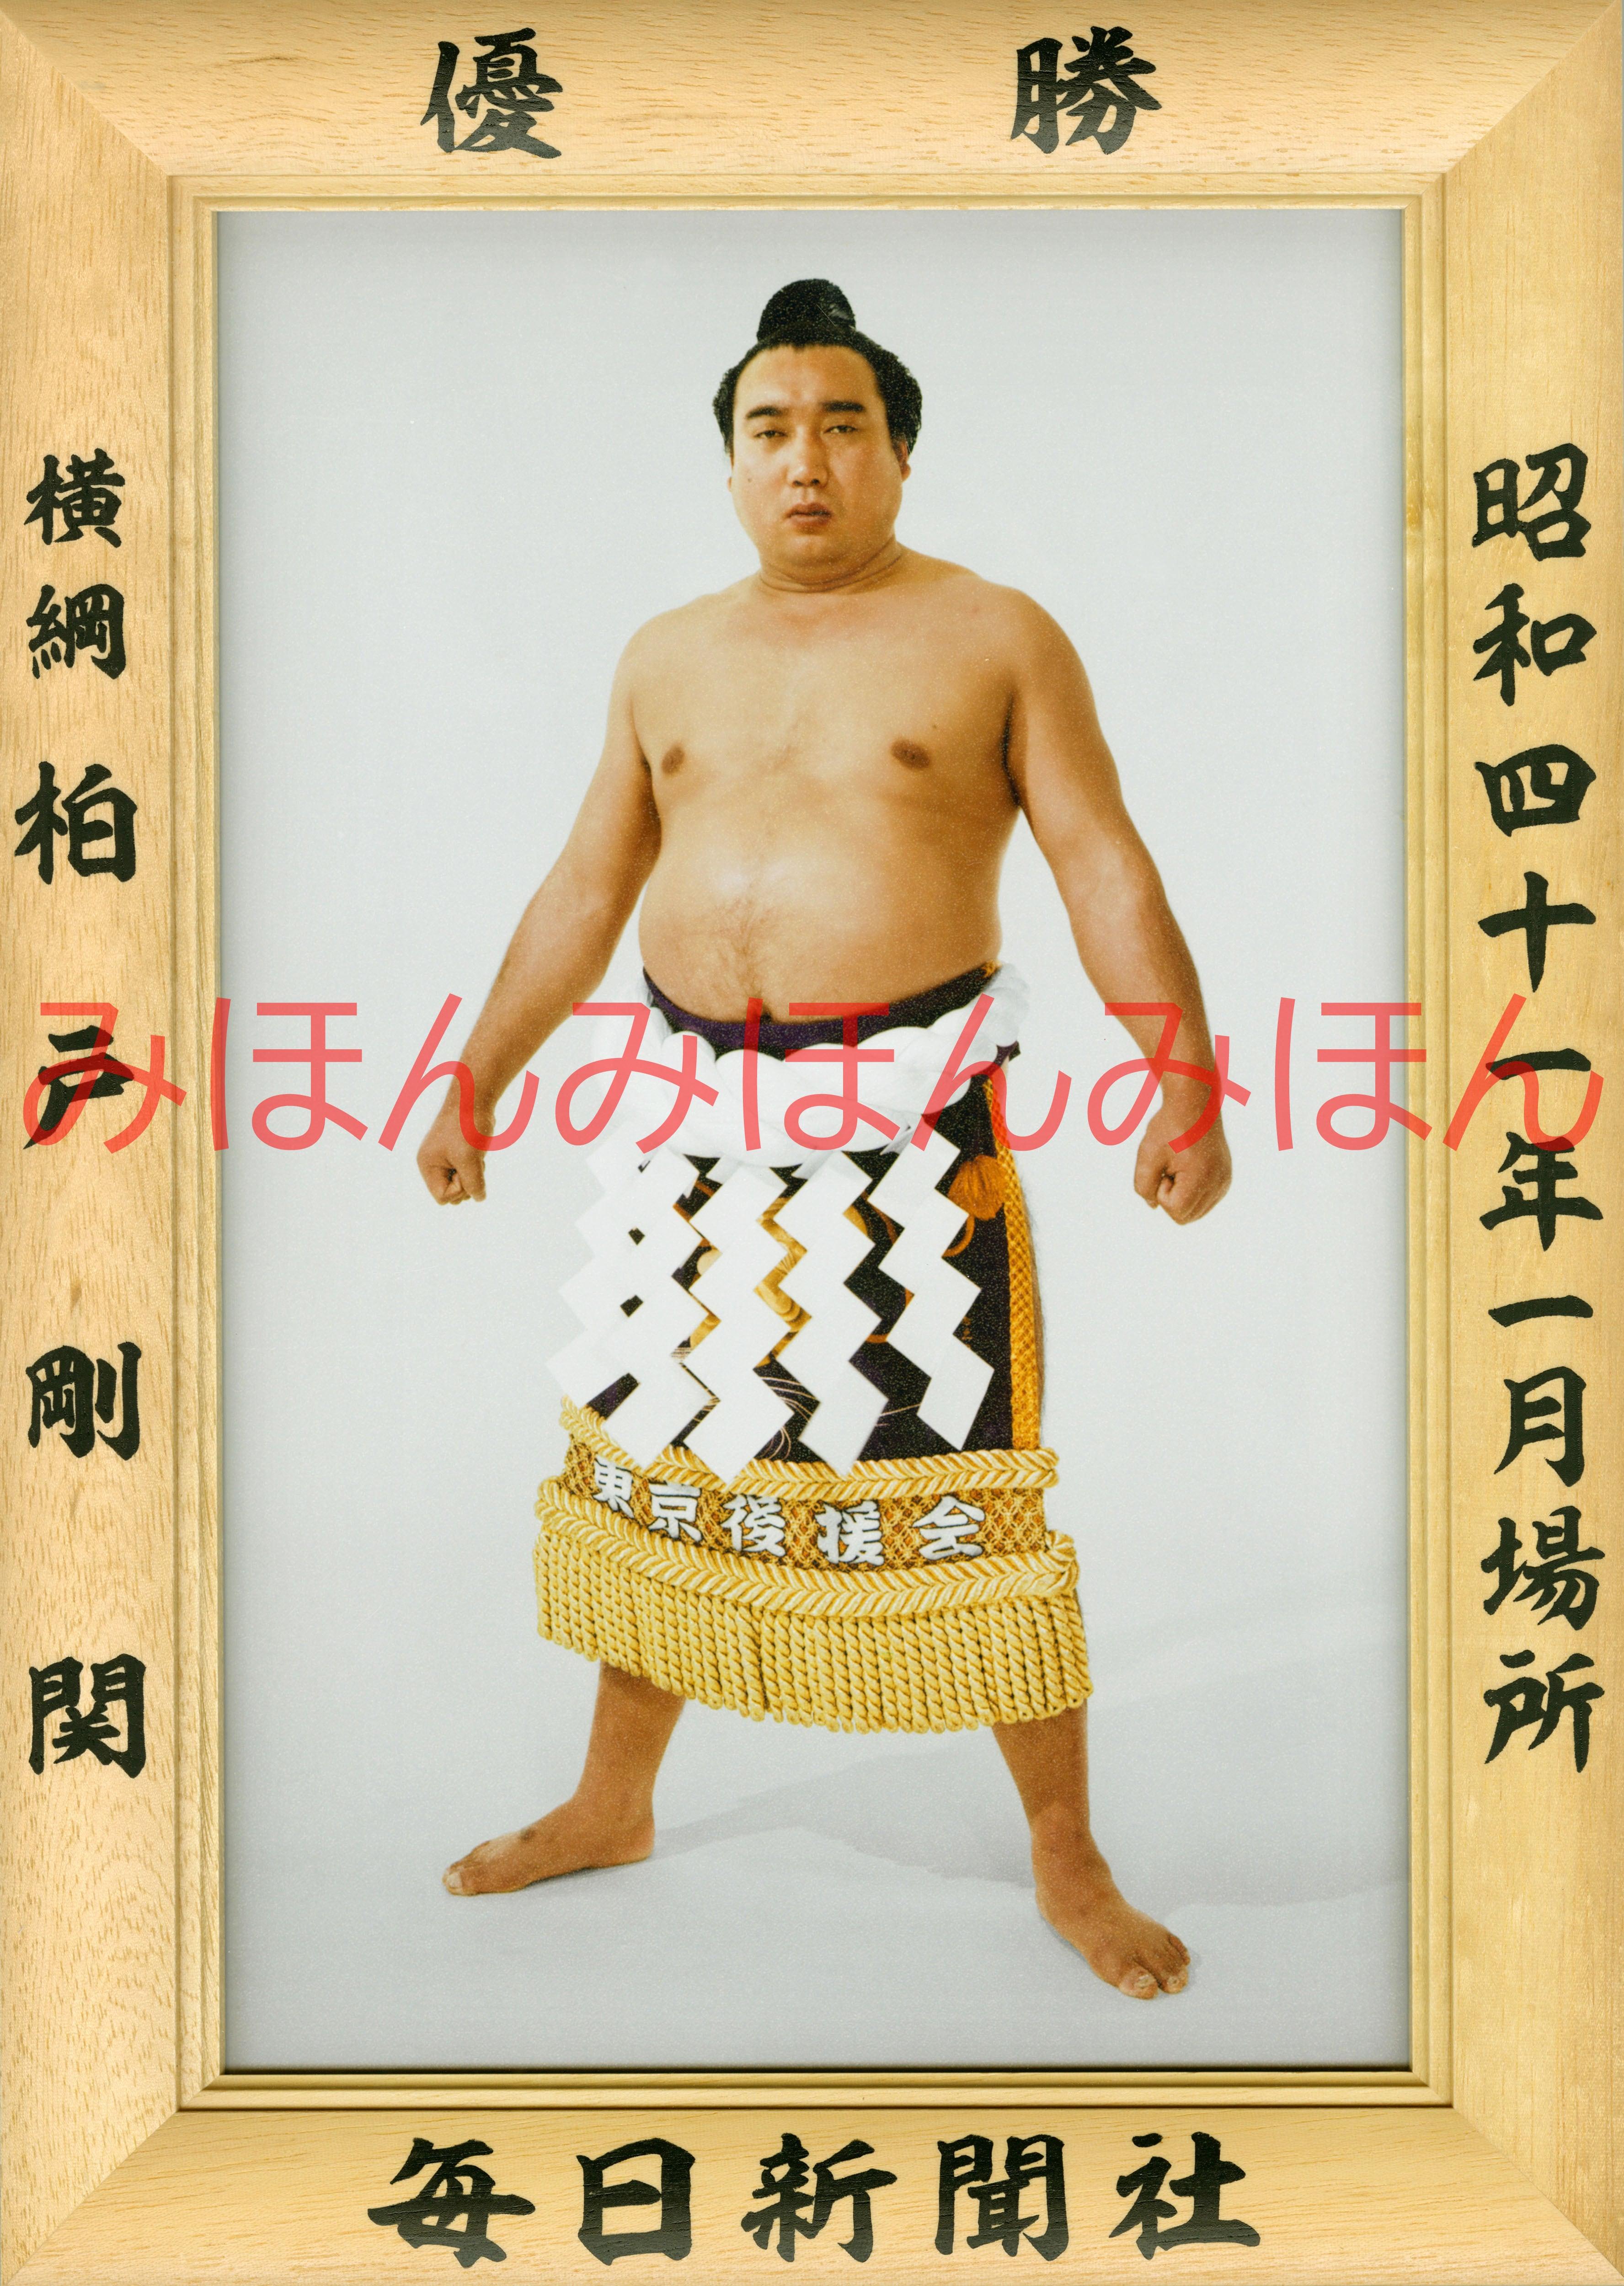 昭和41年1月場所優勝 横綱 柏戸剛関(4回目の優勝)